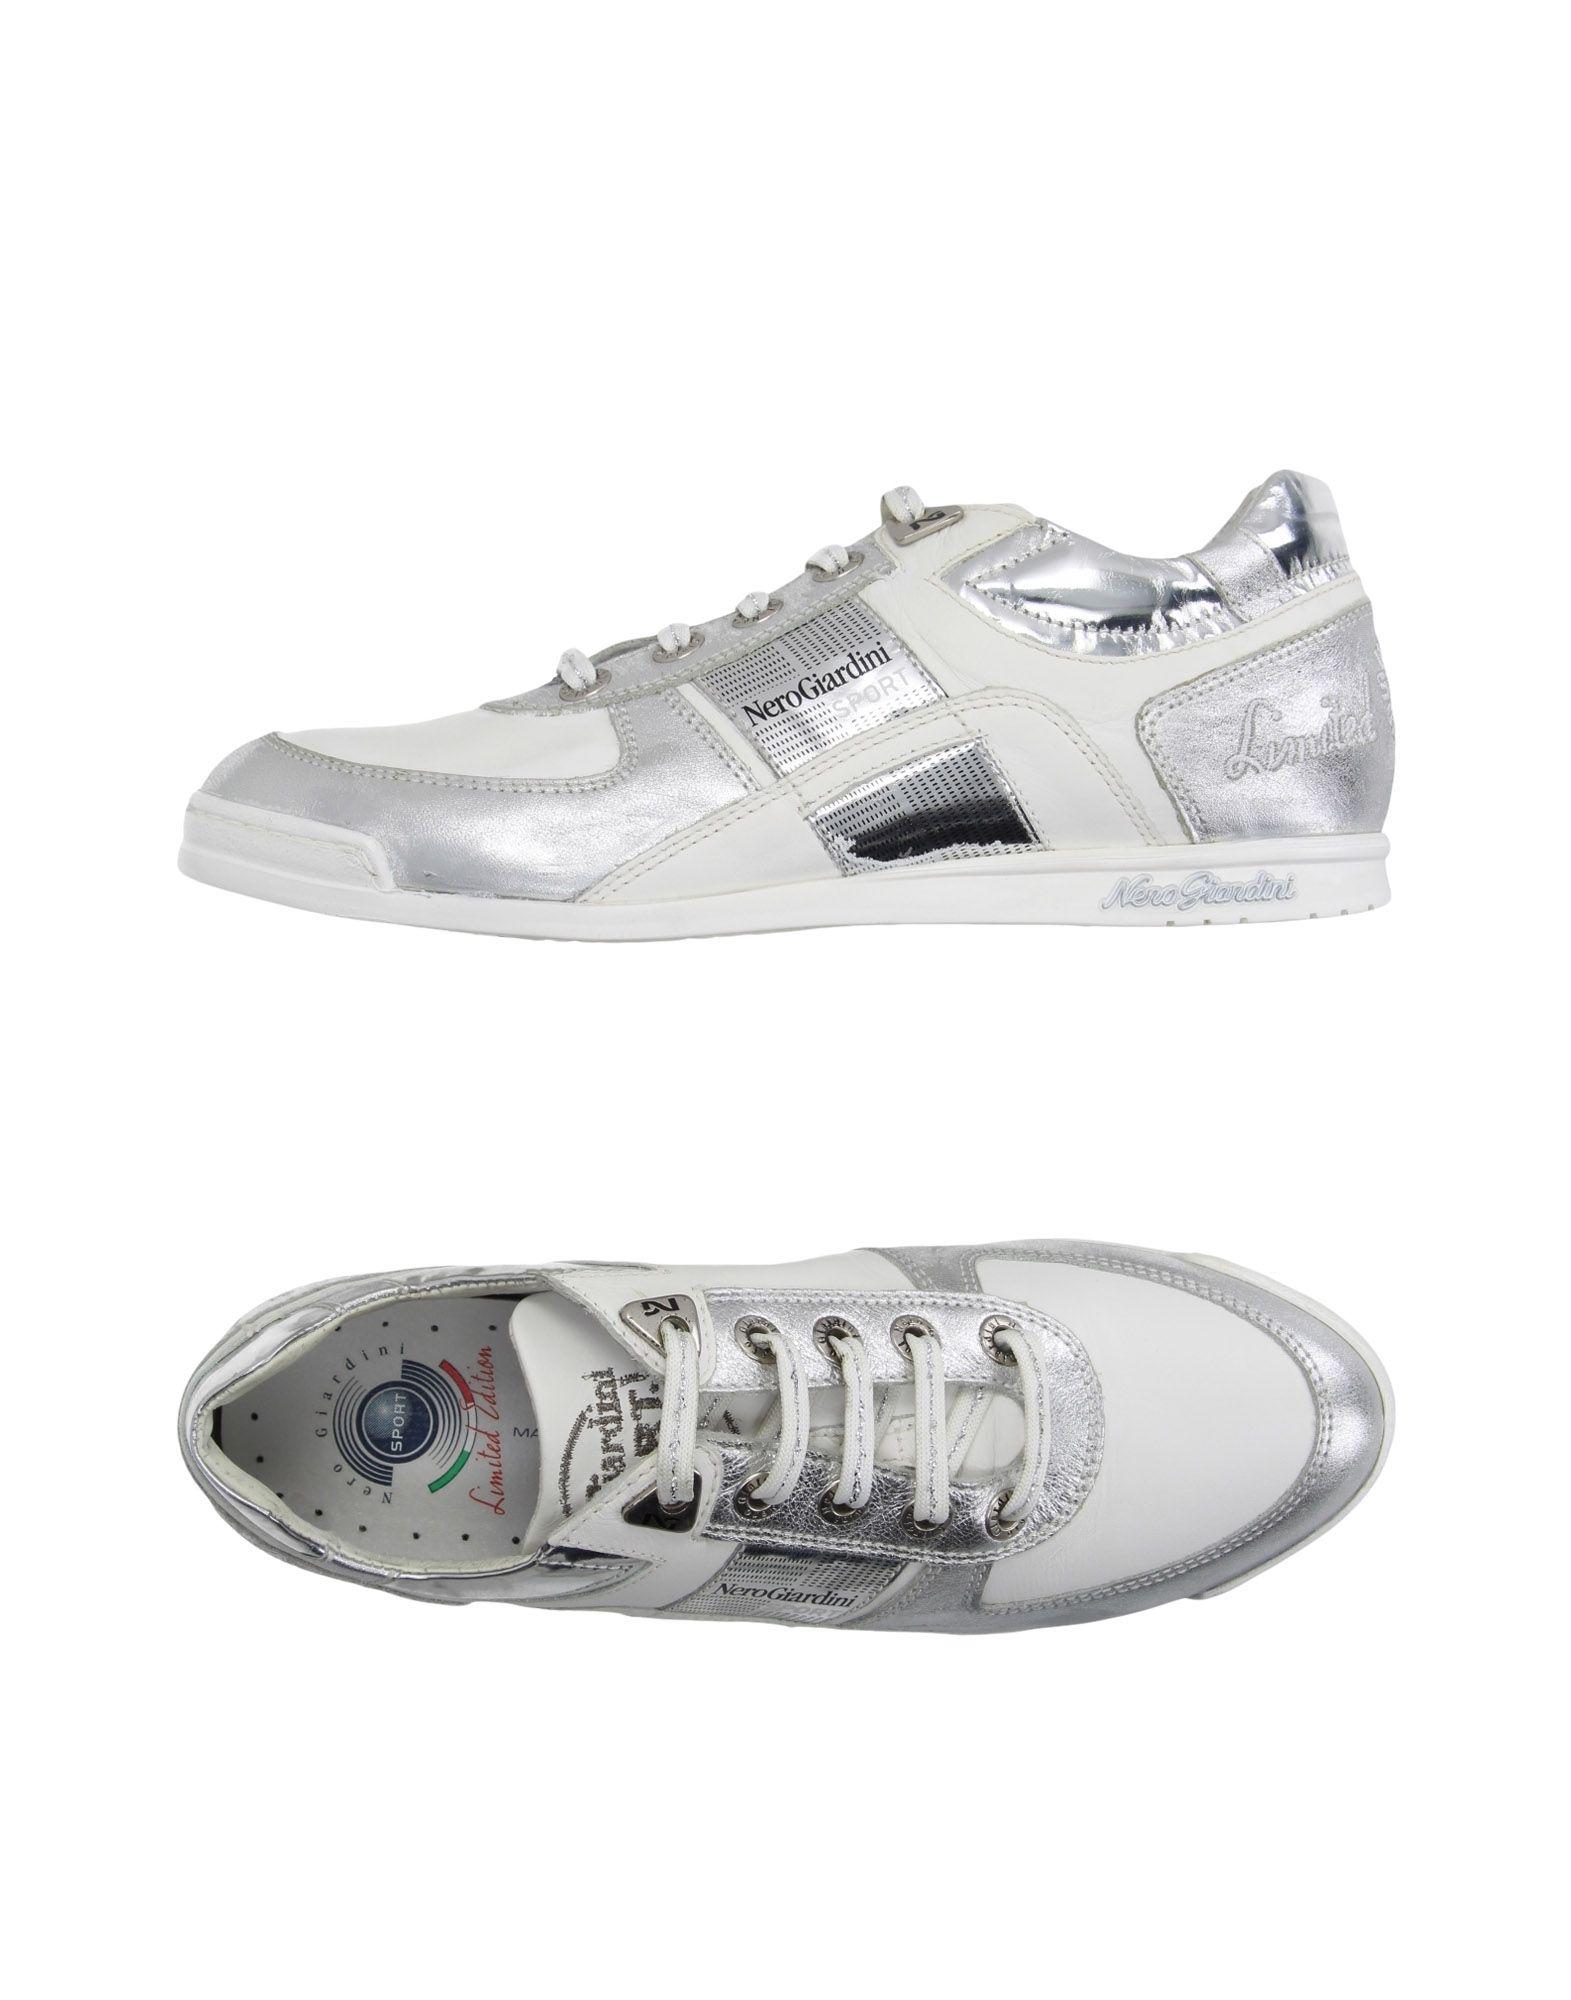 Baskets Nero Giardini Femme - Baskets Nero Giardini Blanc Les chaussures les plus populaires pour les hommes et les femmes